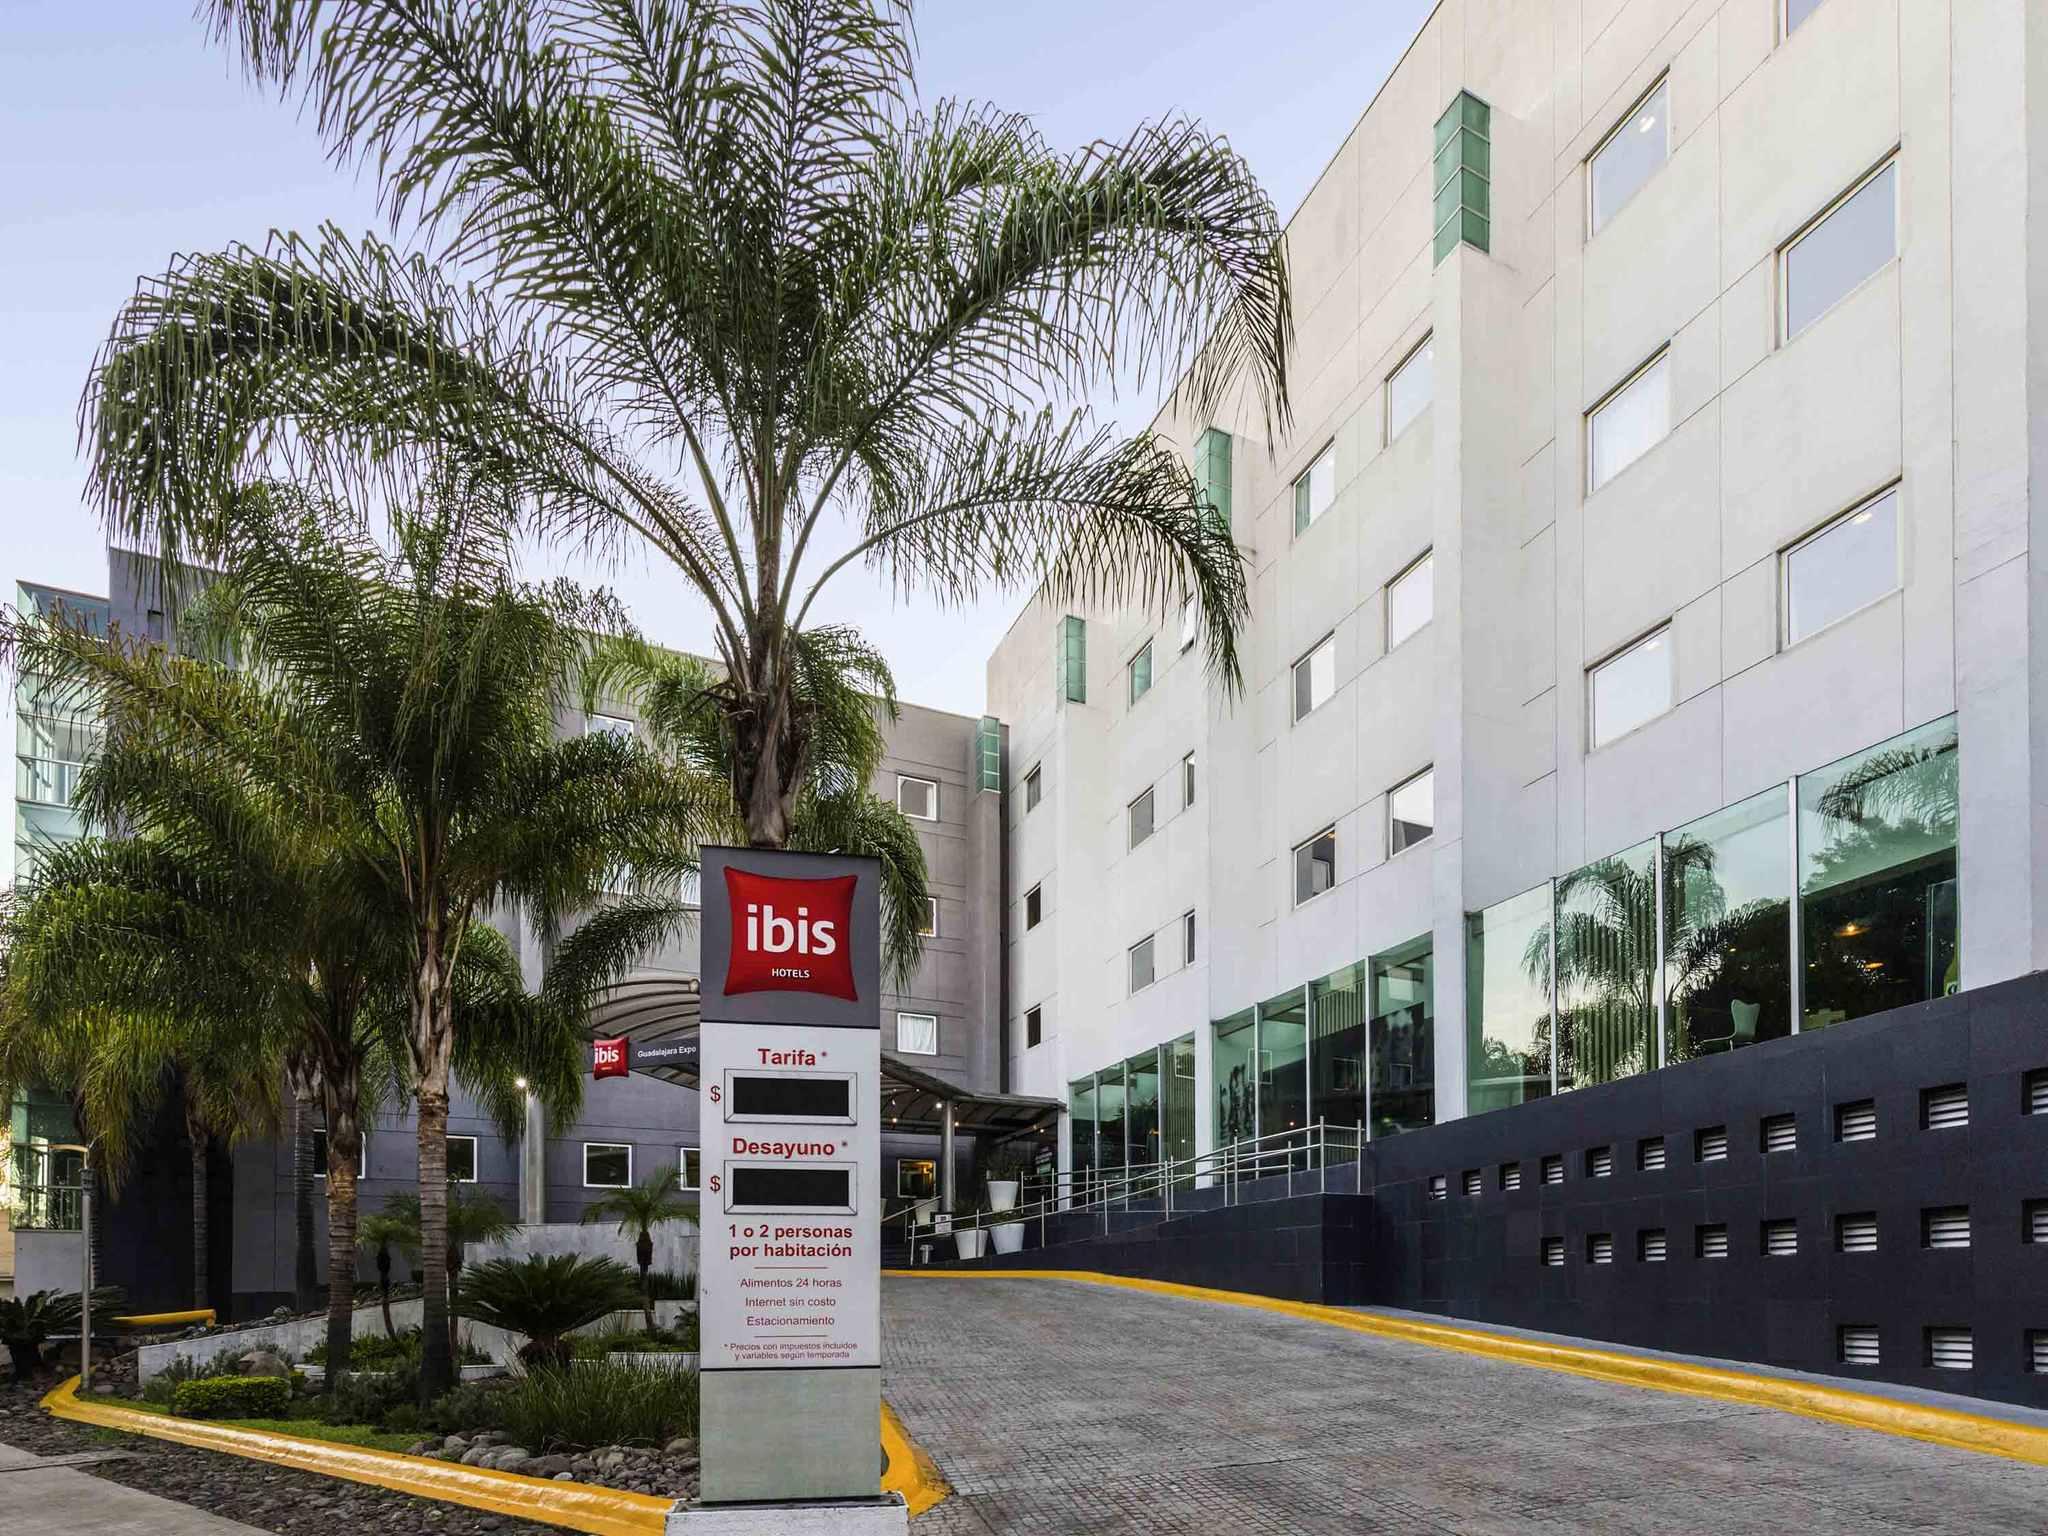 酒店 – 宜必思瓜达拉哈拉展览中心酒店